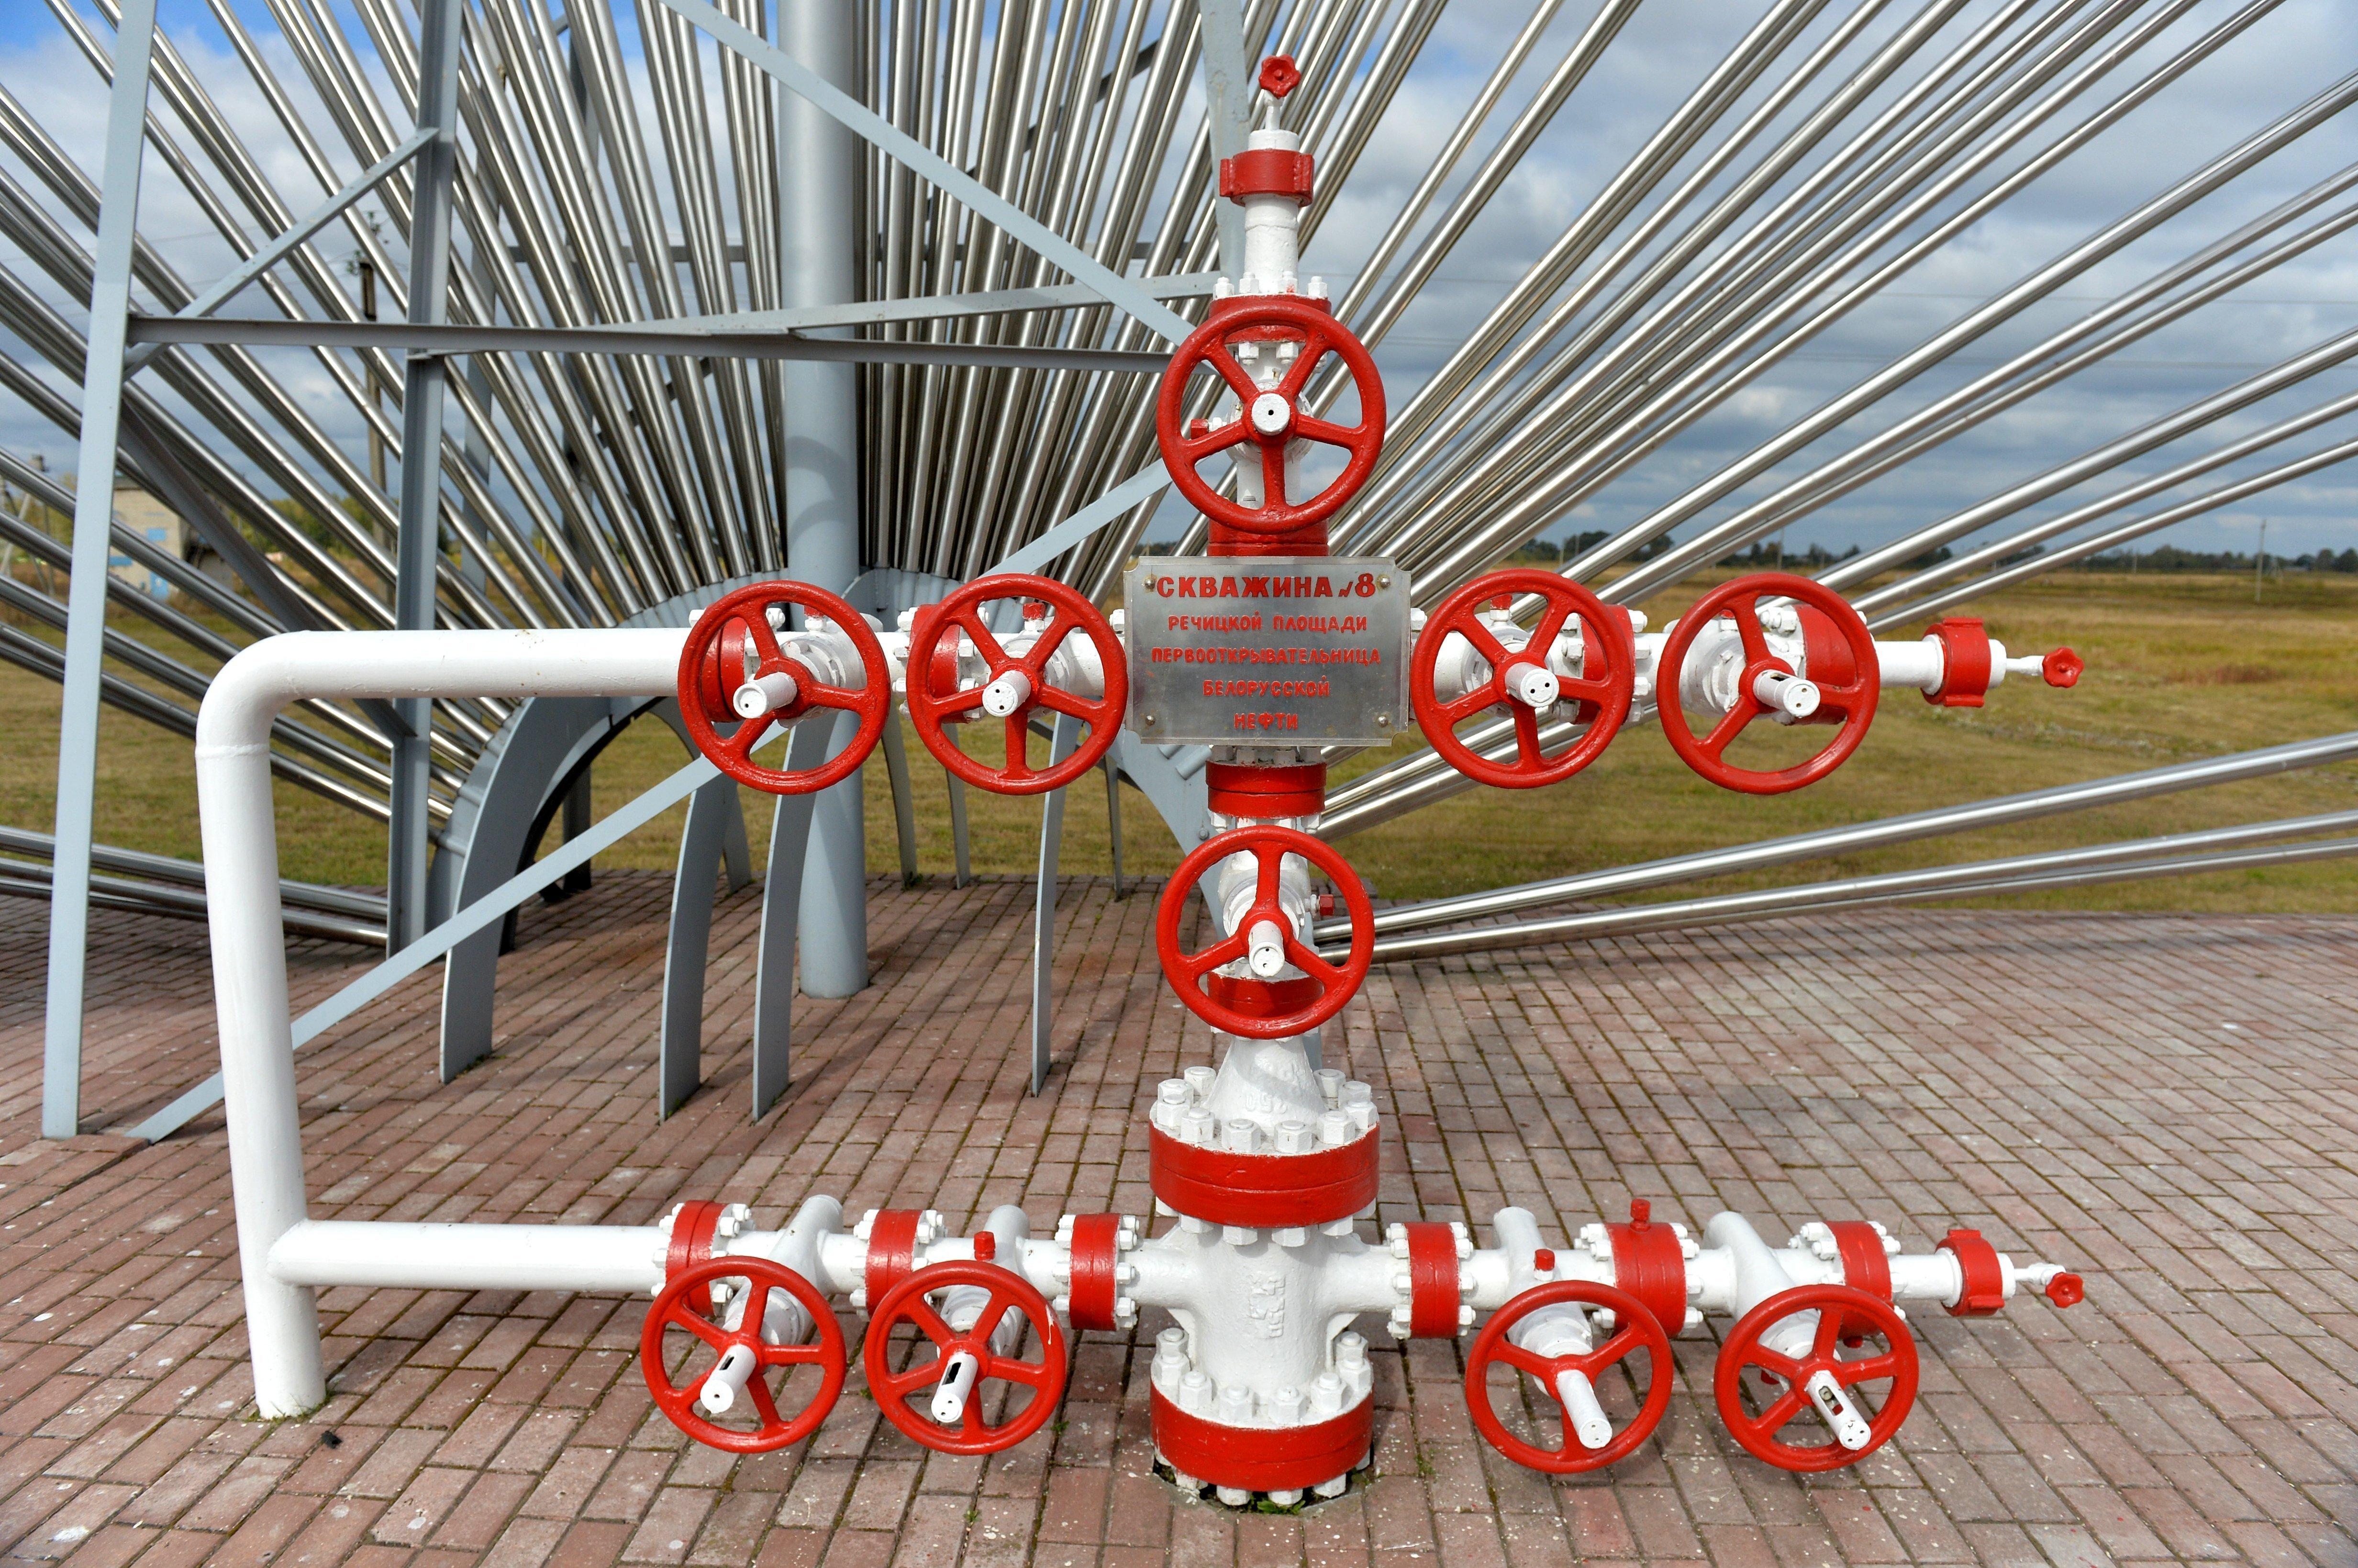 Скважина №8, первооткрывательница белорусской нефти